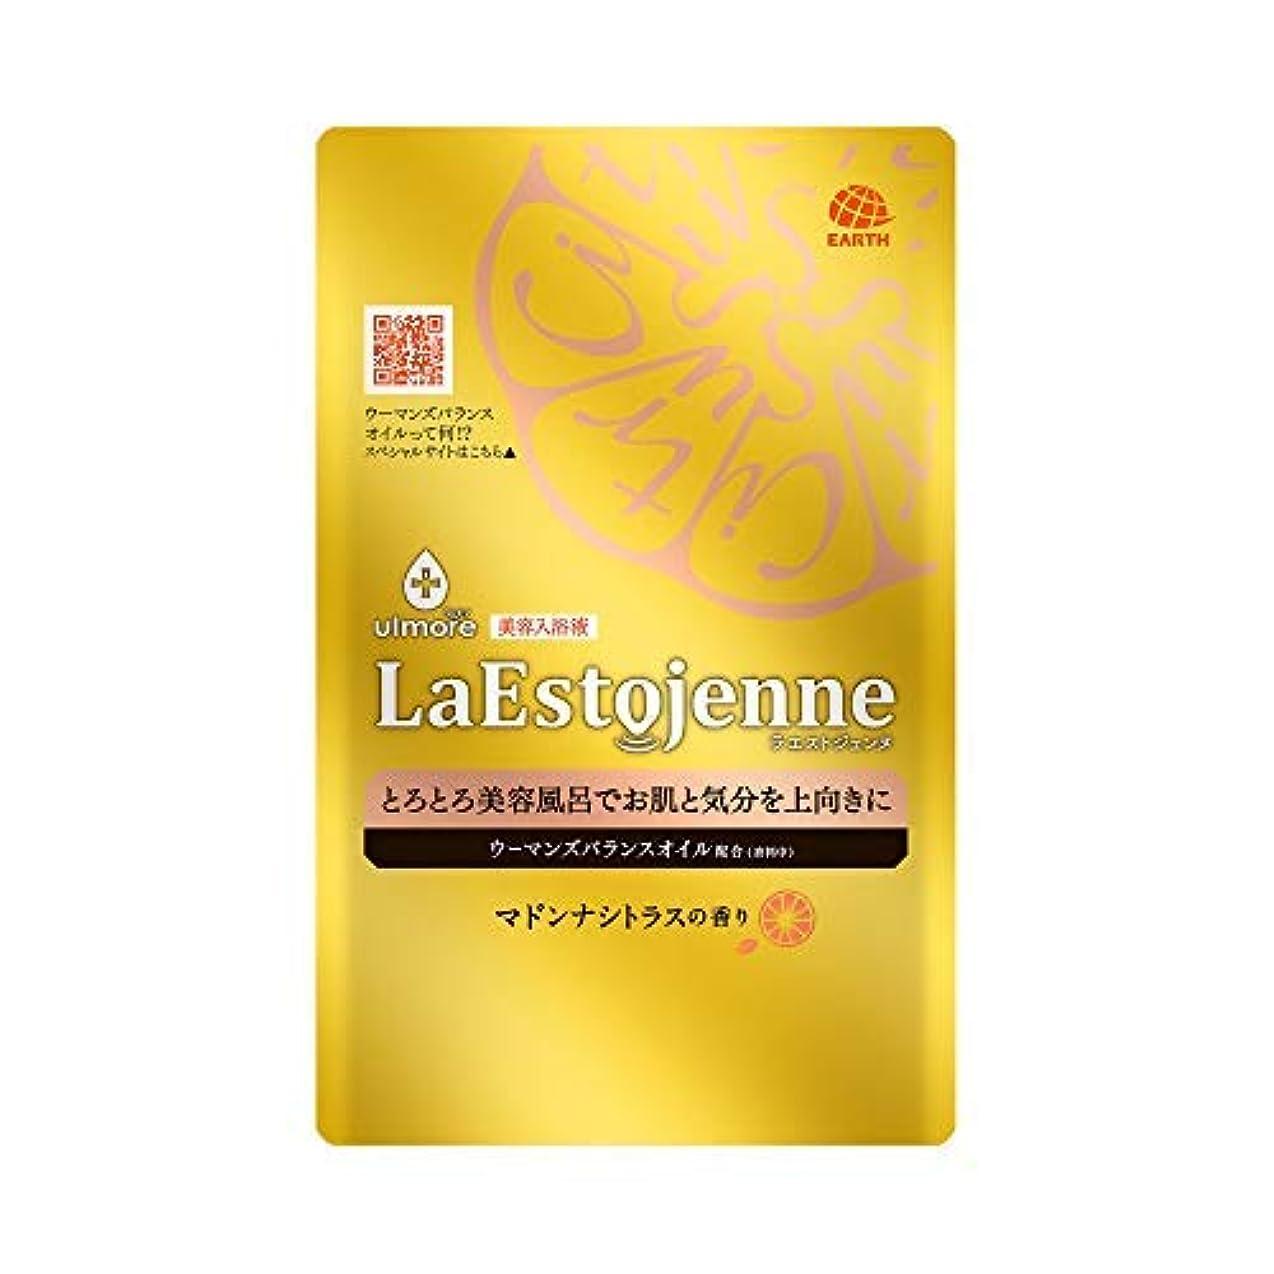 シェル所有者飼料ウルモア ラエストジェンヌ マドンナシトラスの香り 1包 × 24個セット